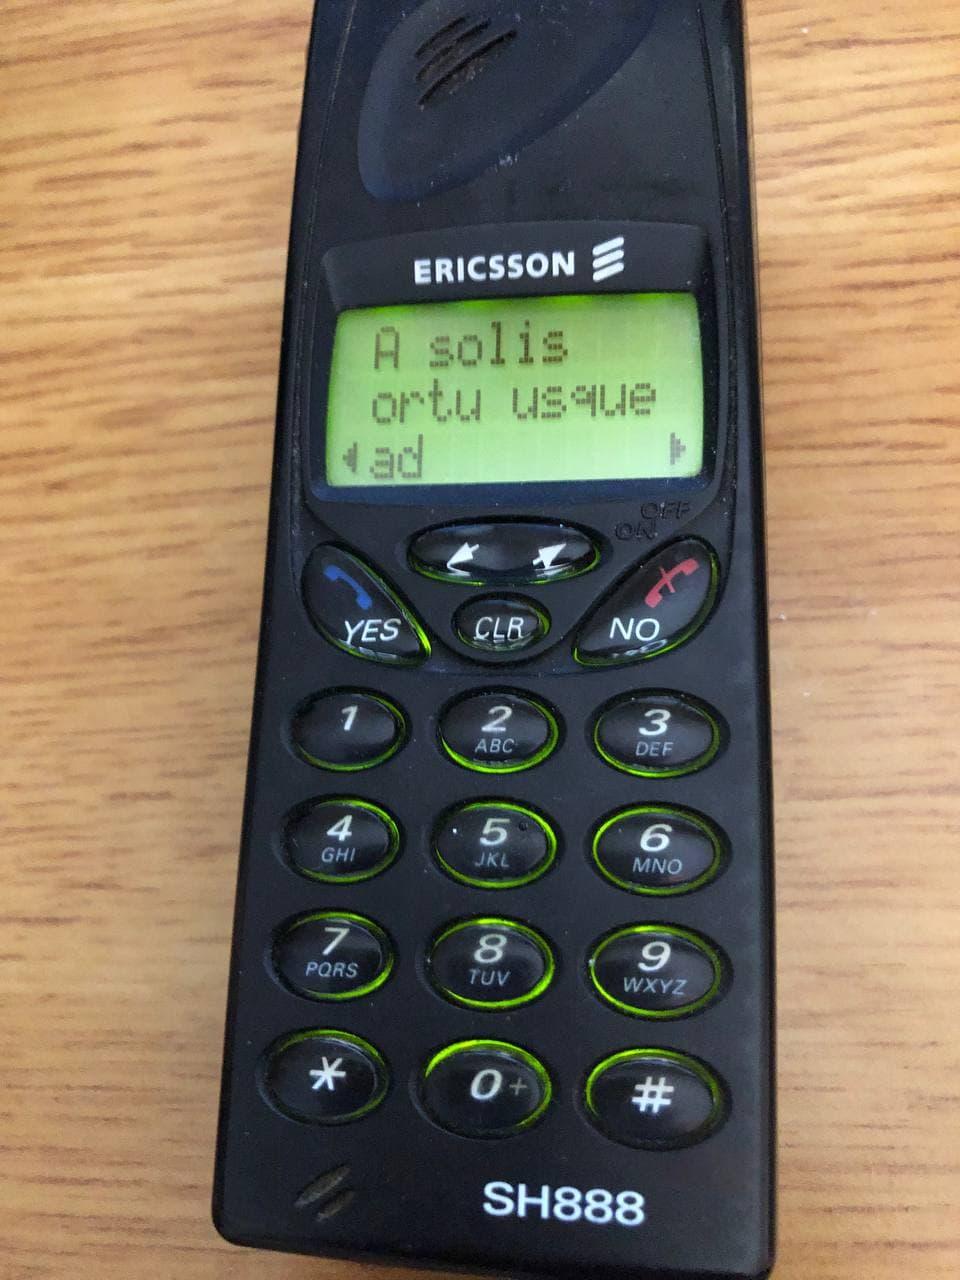 Привет из 1998 года: мобильный телефон Ericsson SH888 - 15